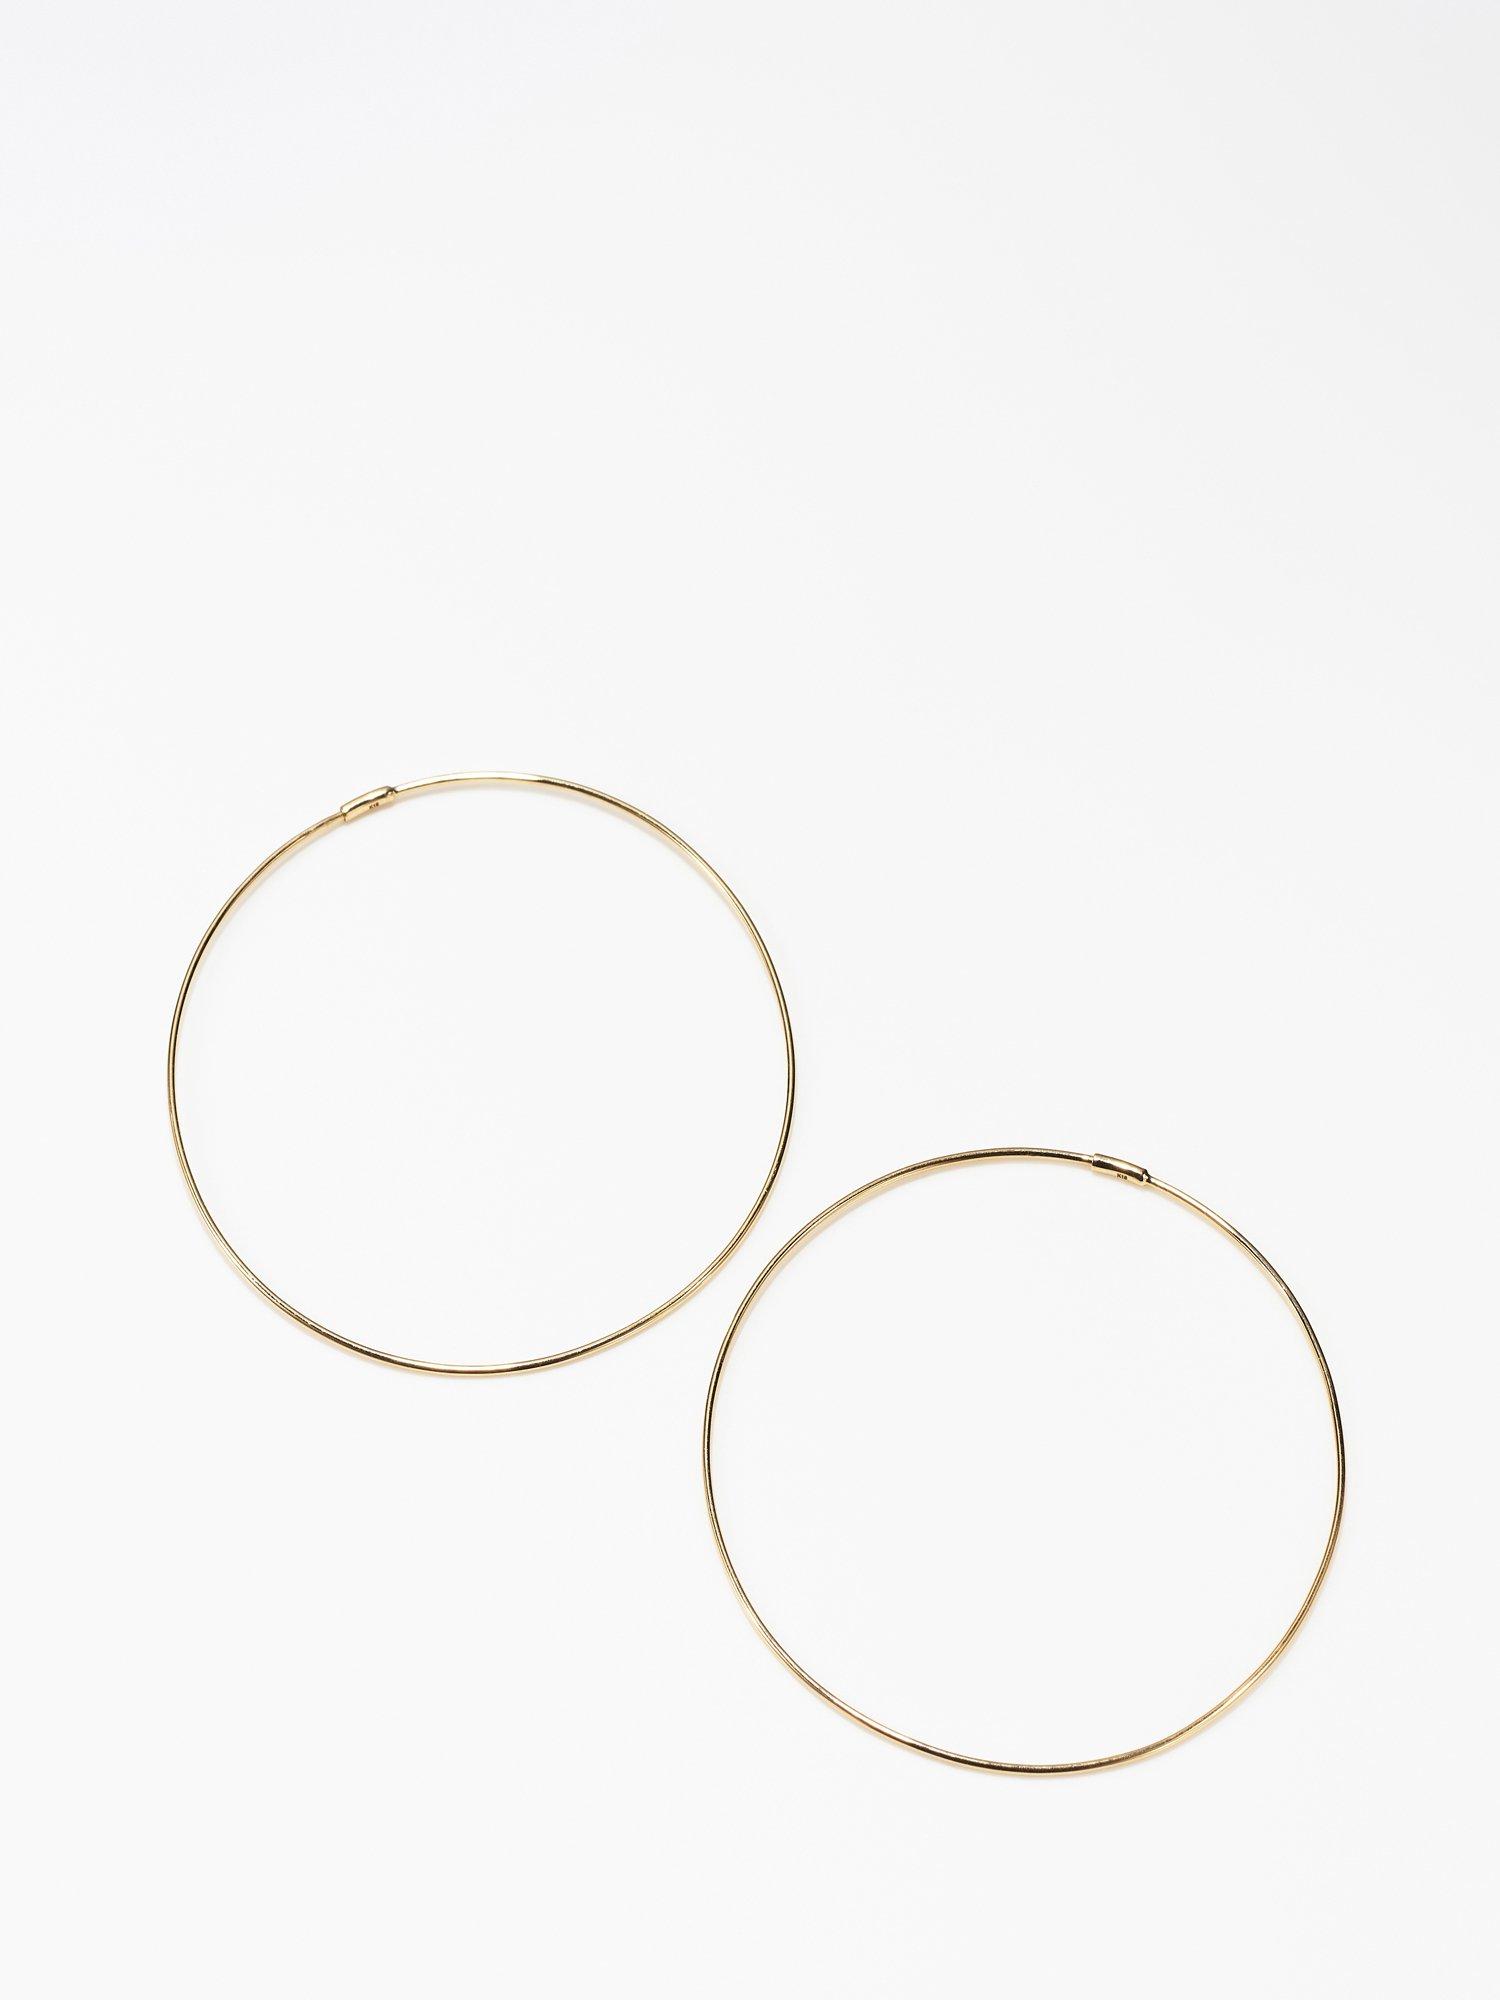 SOPHISTICATED VINTAGE / Solid hoop earrings / 45mm